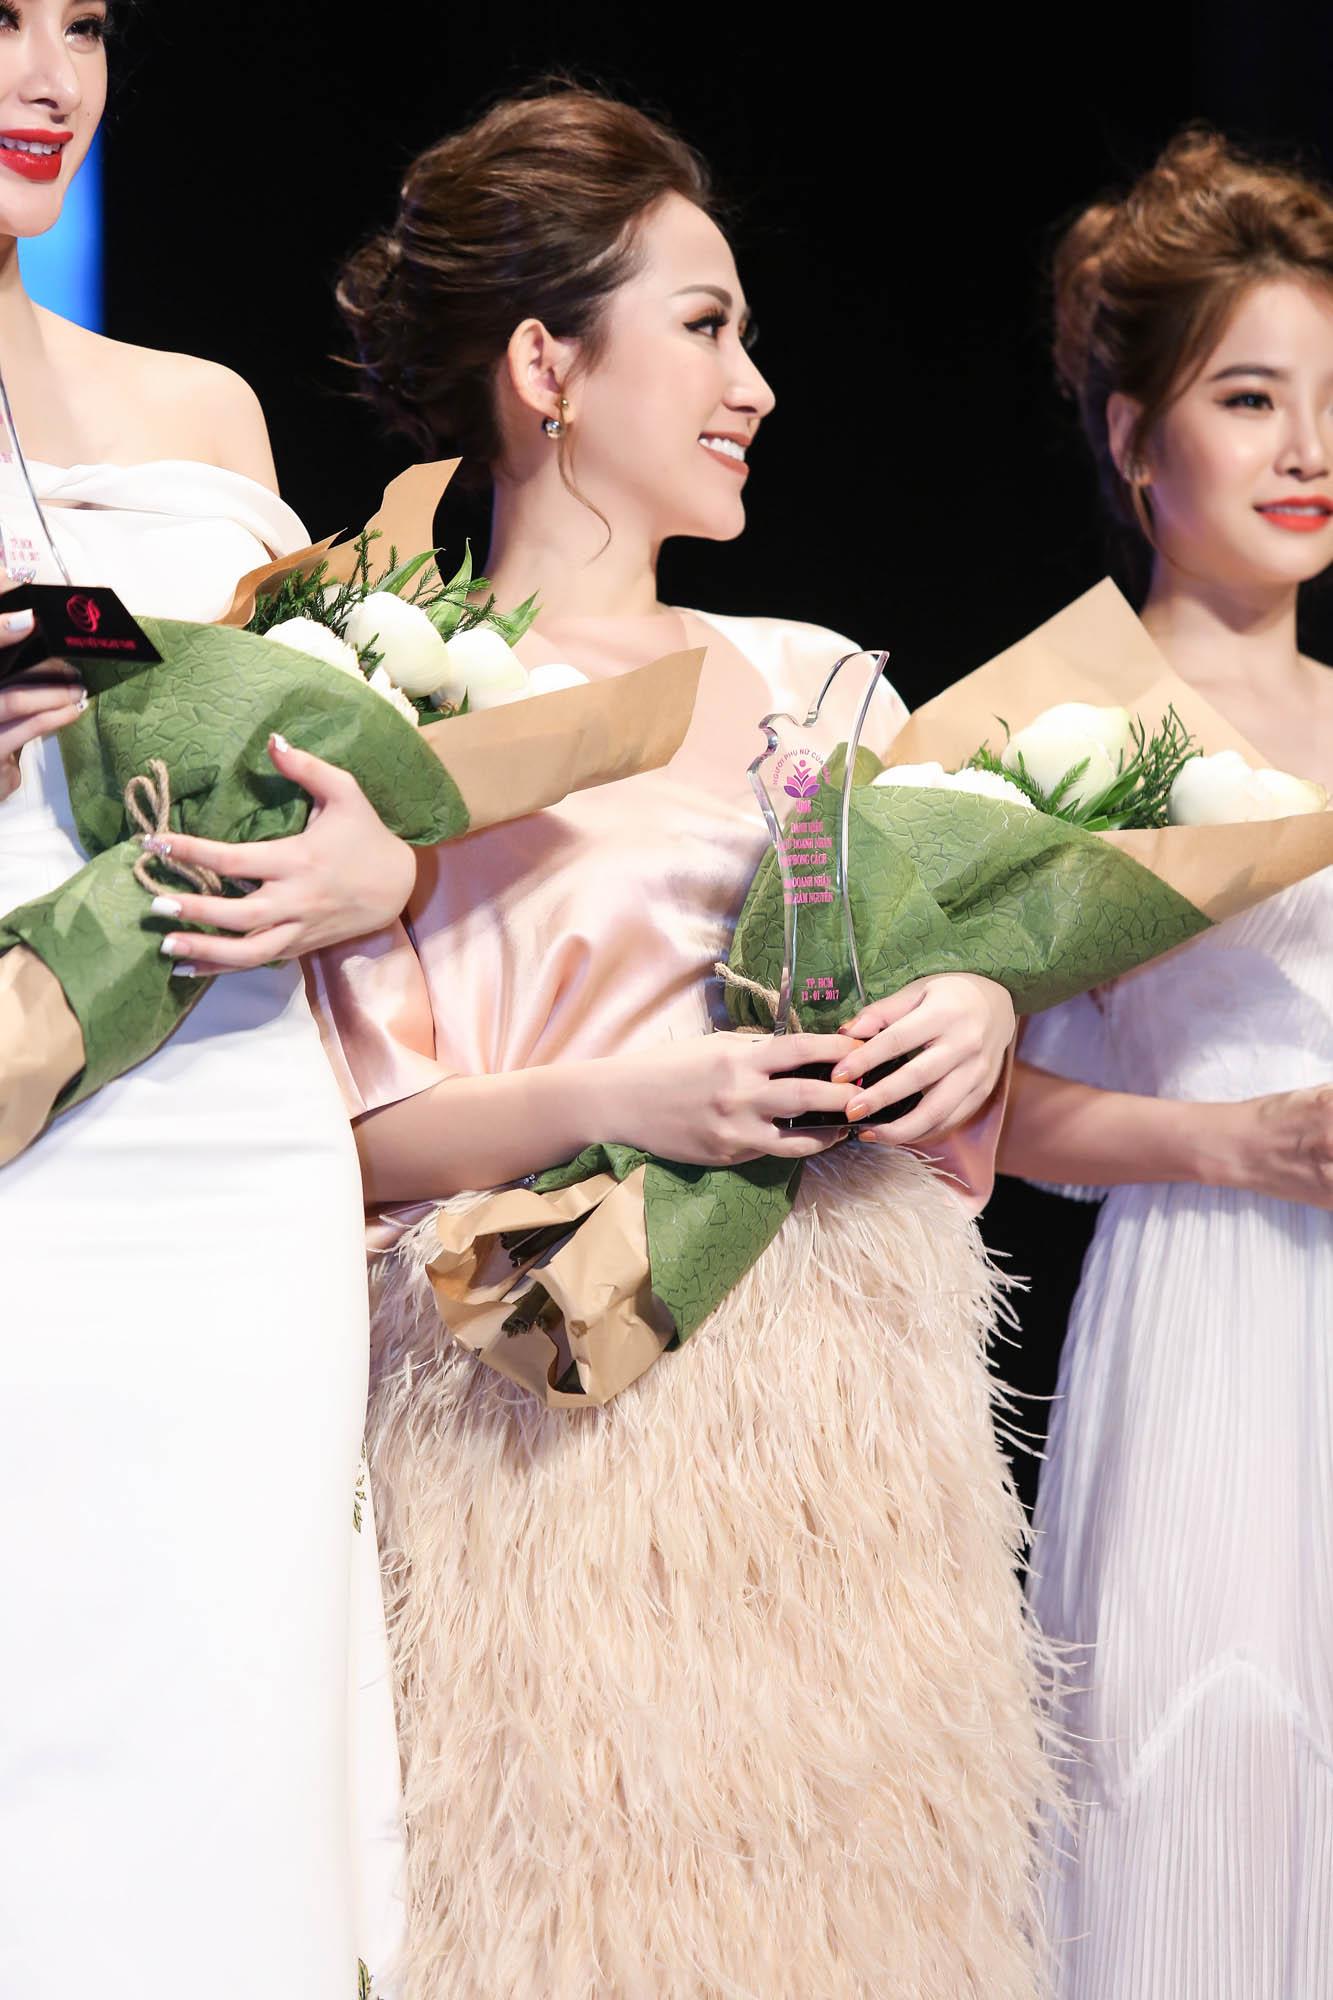 Fashionista Trâm Nguyễn - elle việt nam 10